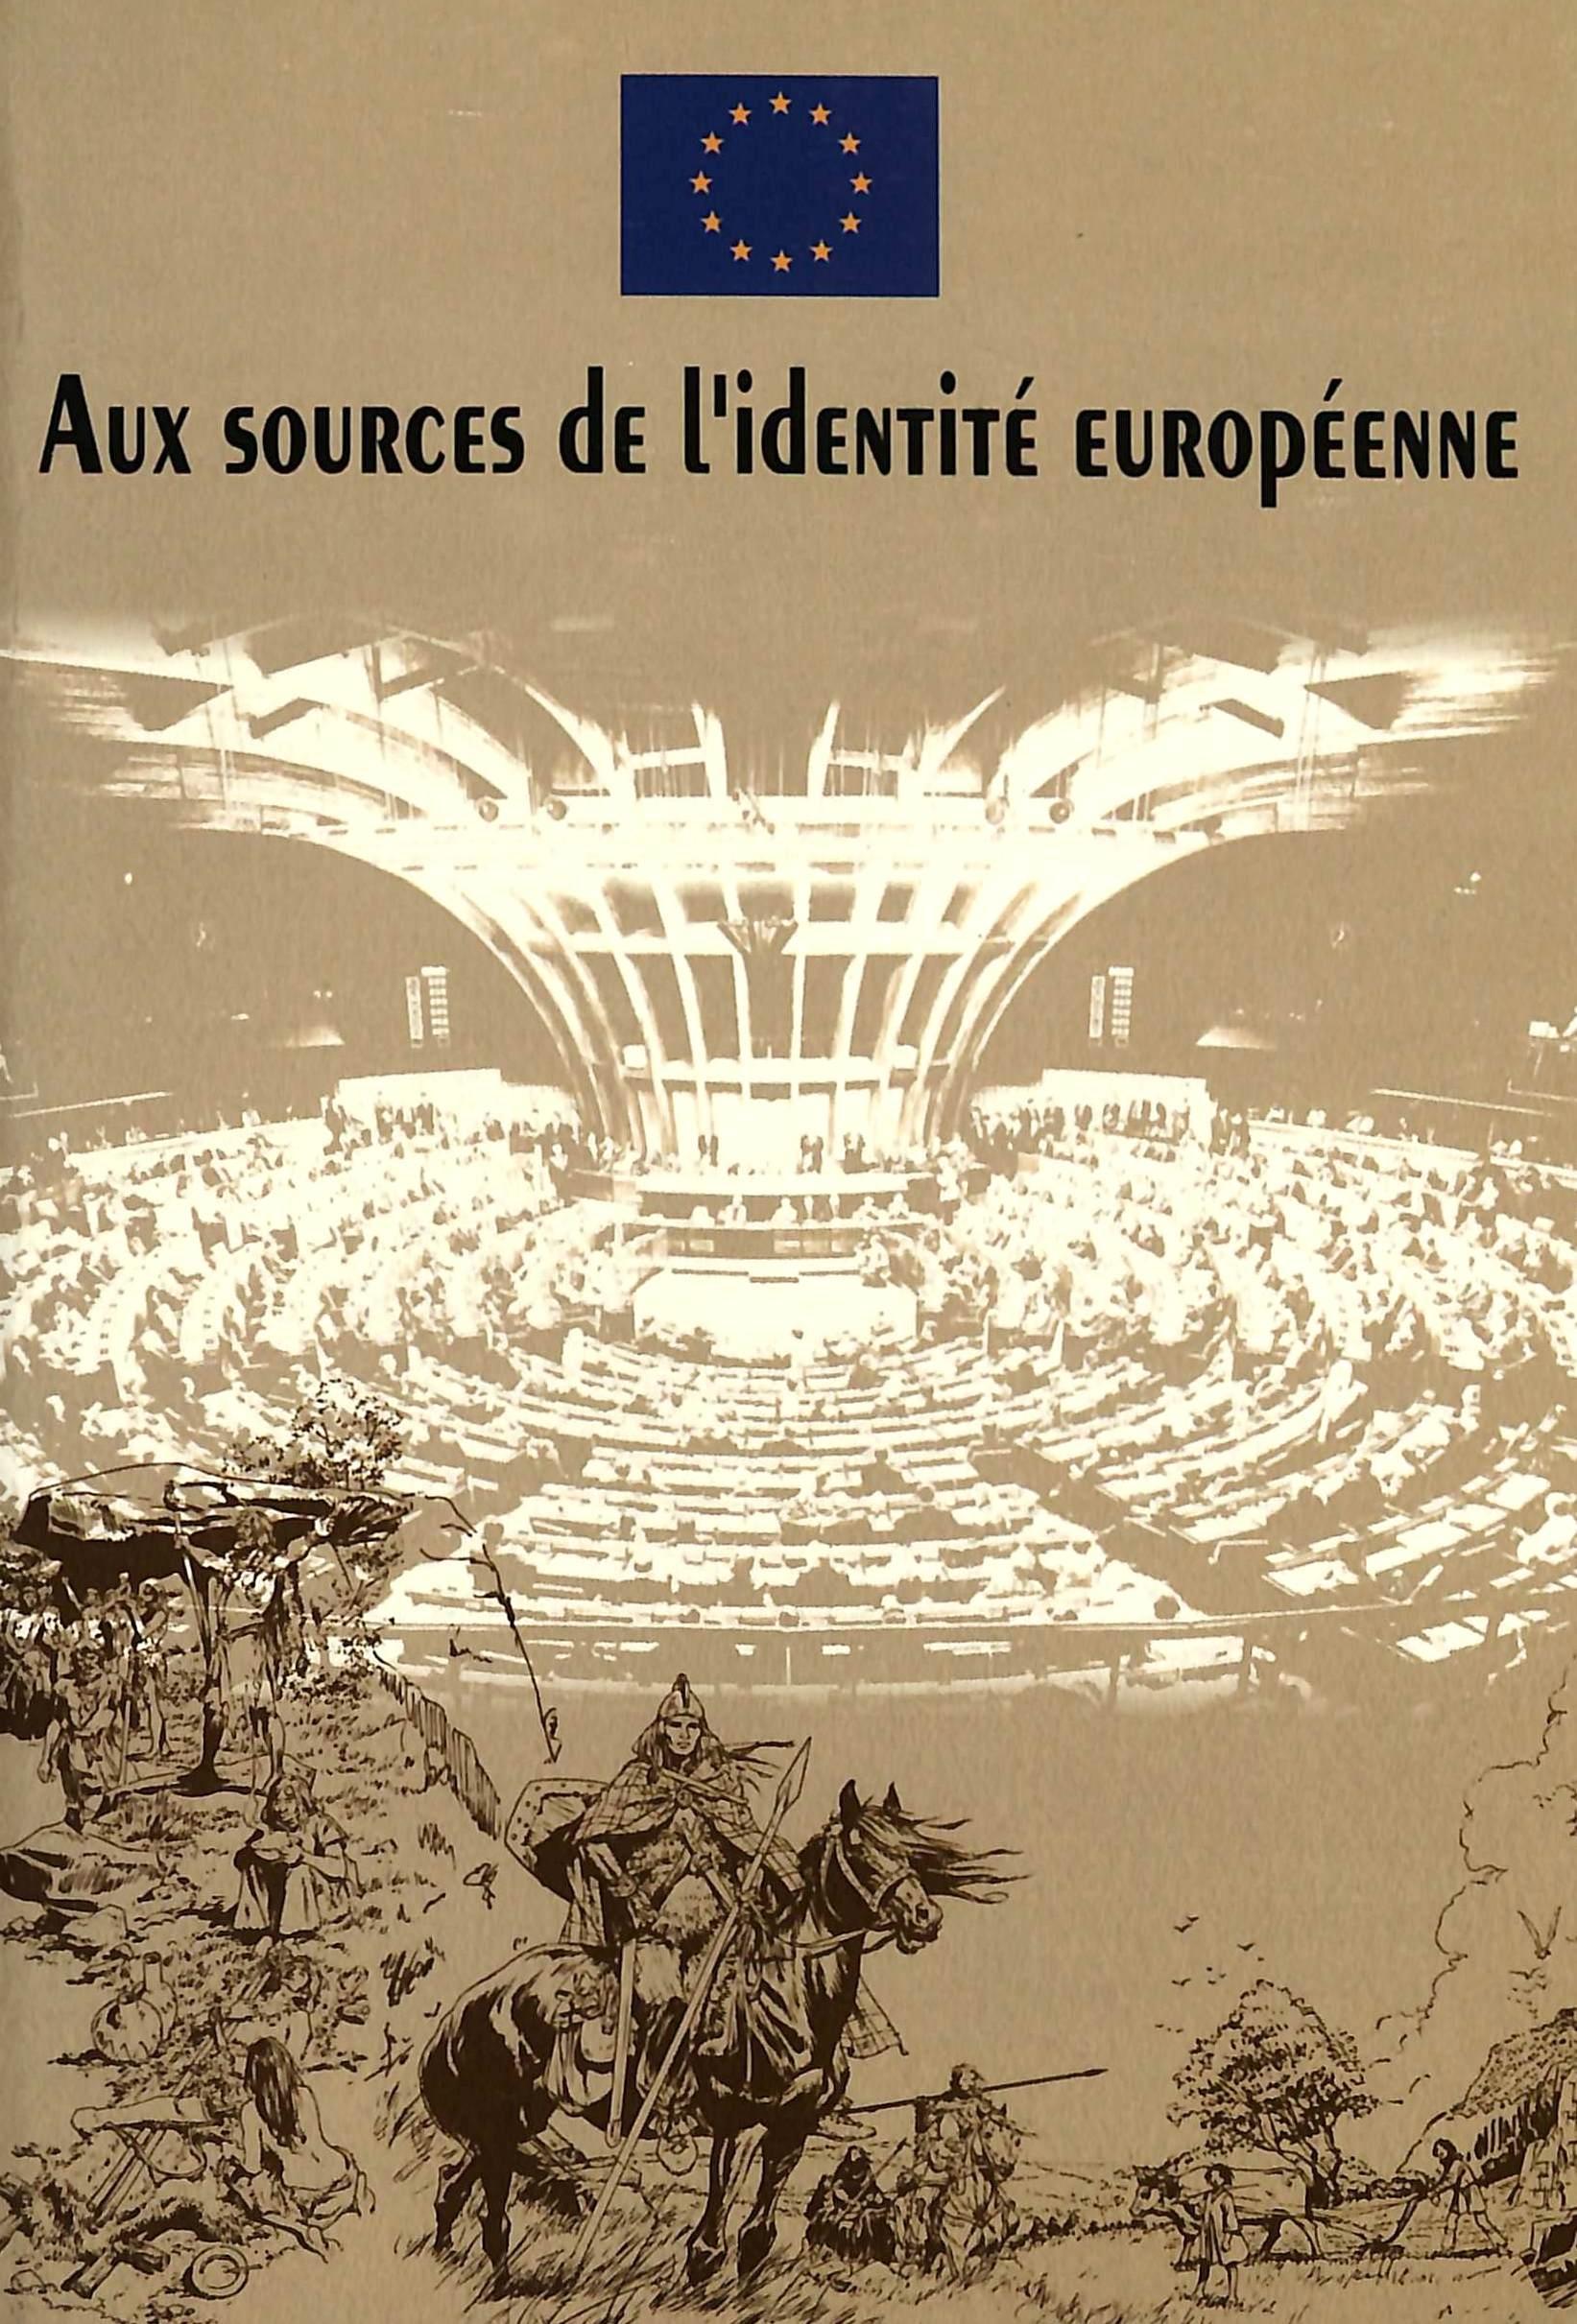 AUX SOURCES DE L'IDENTITE EUROPEENNE